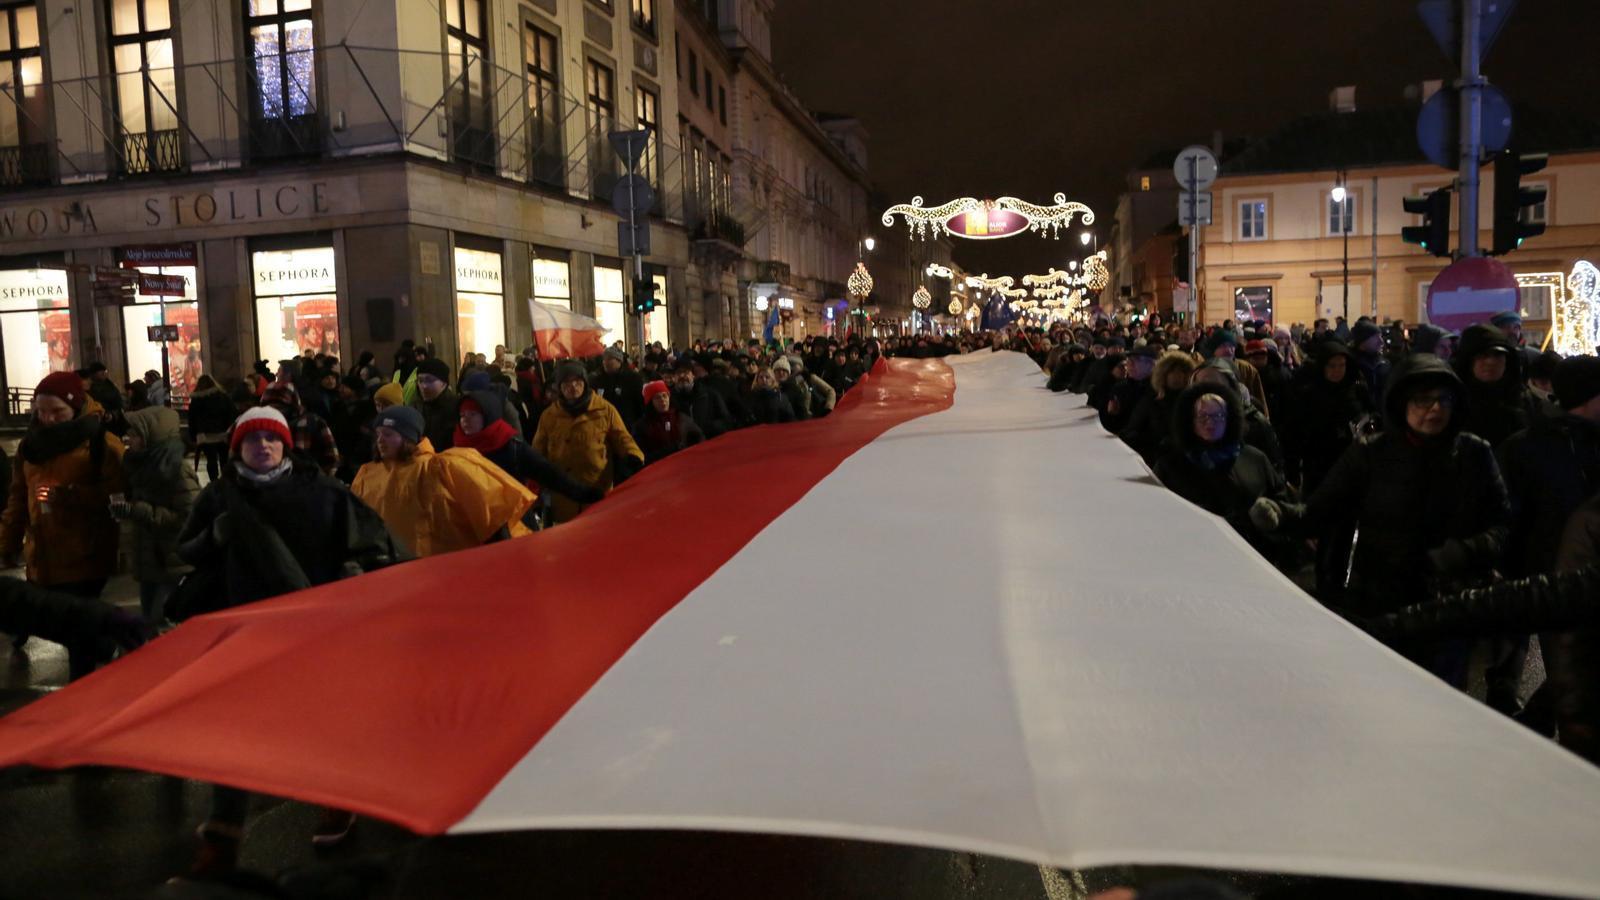 Brussel·les activa el procés per deixar sense vot Polònia a causa de la seva reforma judicial